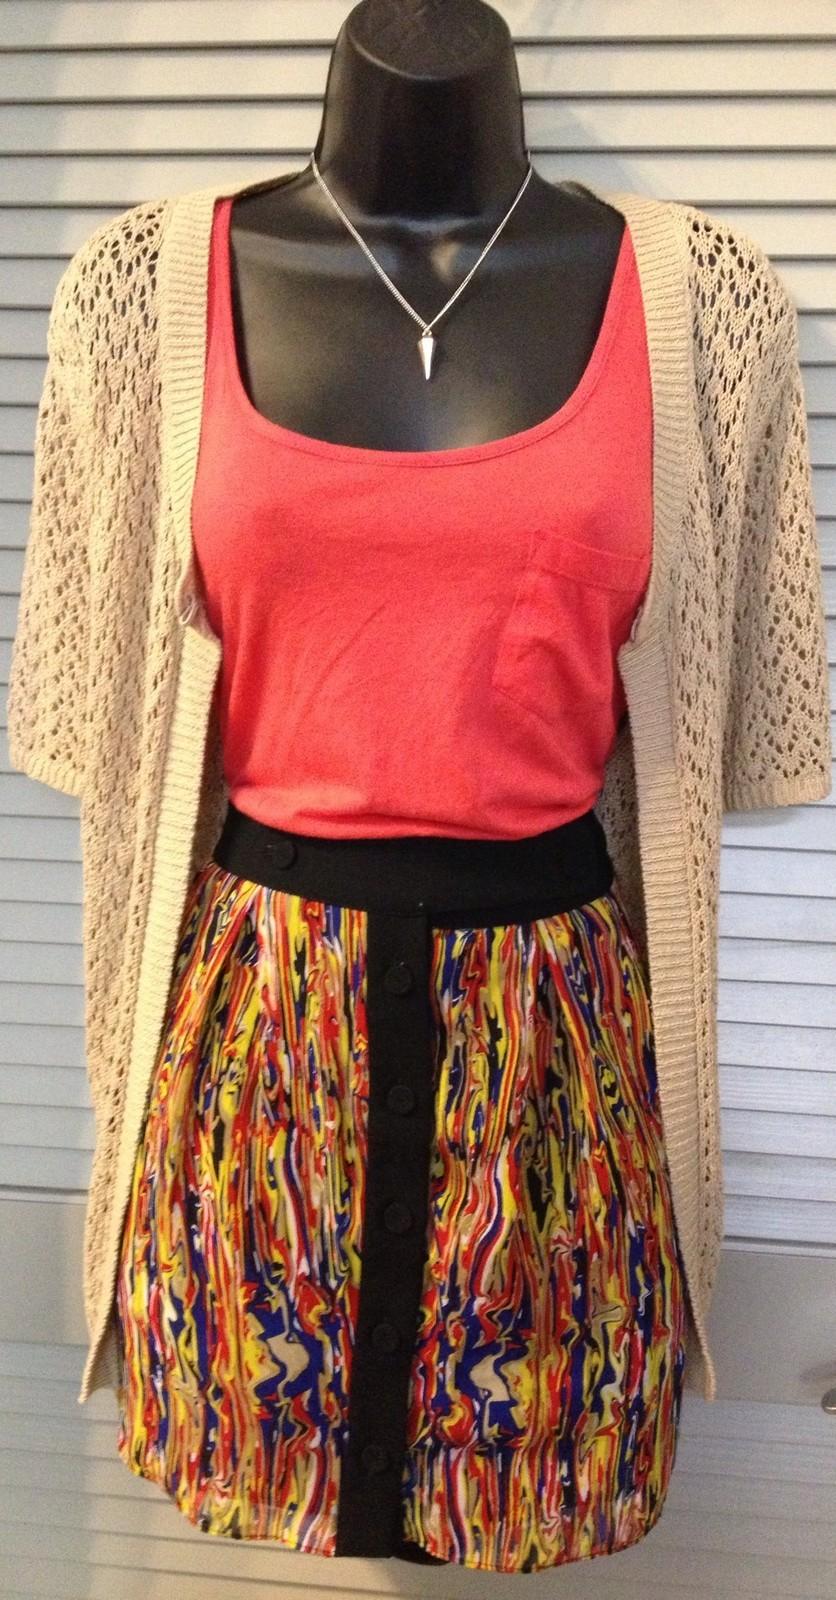 Jonathan Saunders for Target Printed Skirt